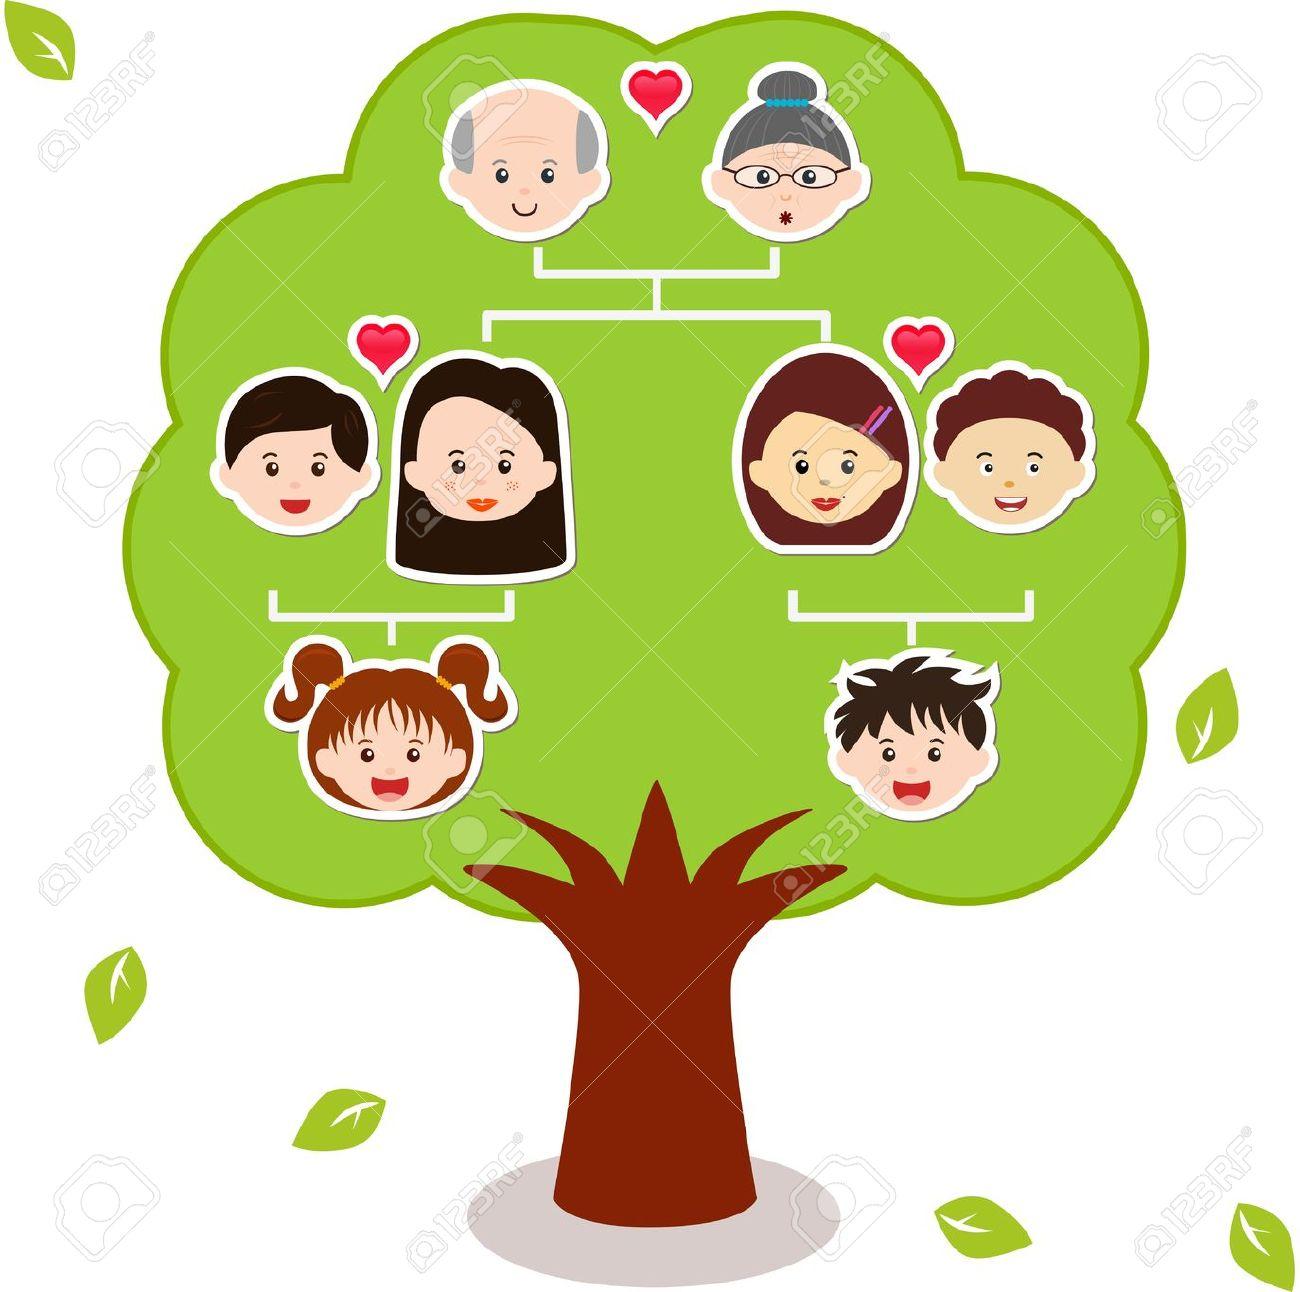 Family Tree: Icons Family Tree .-family tree: Icons Family Tree .-14